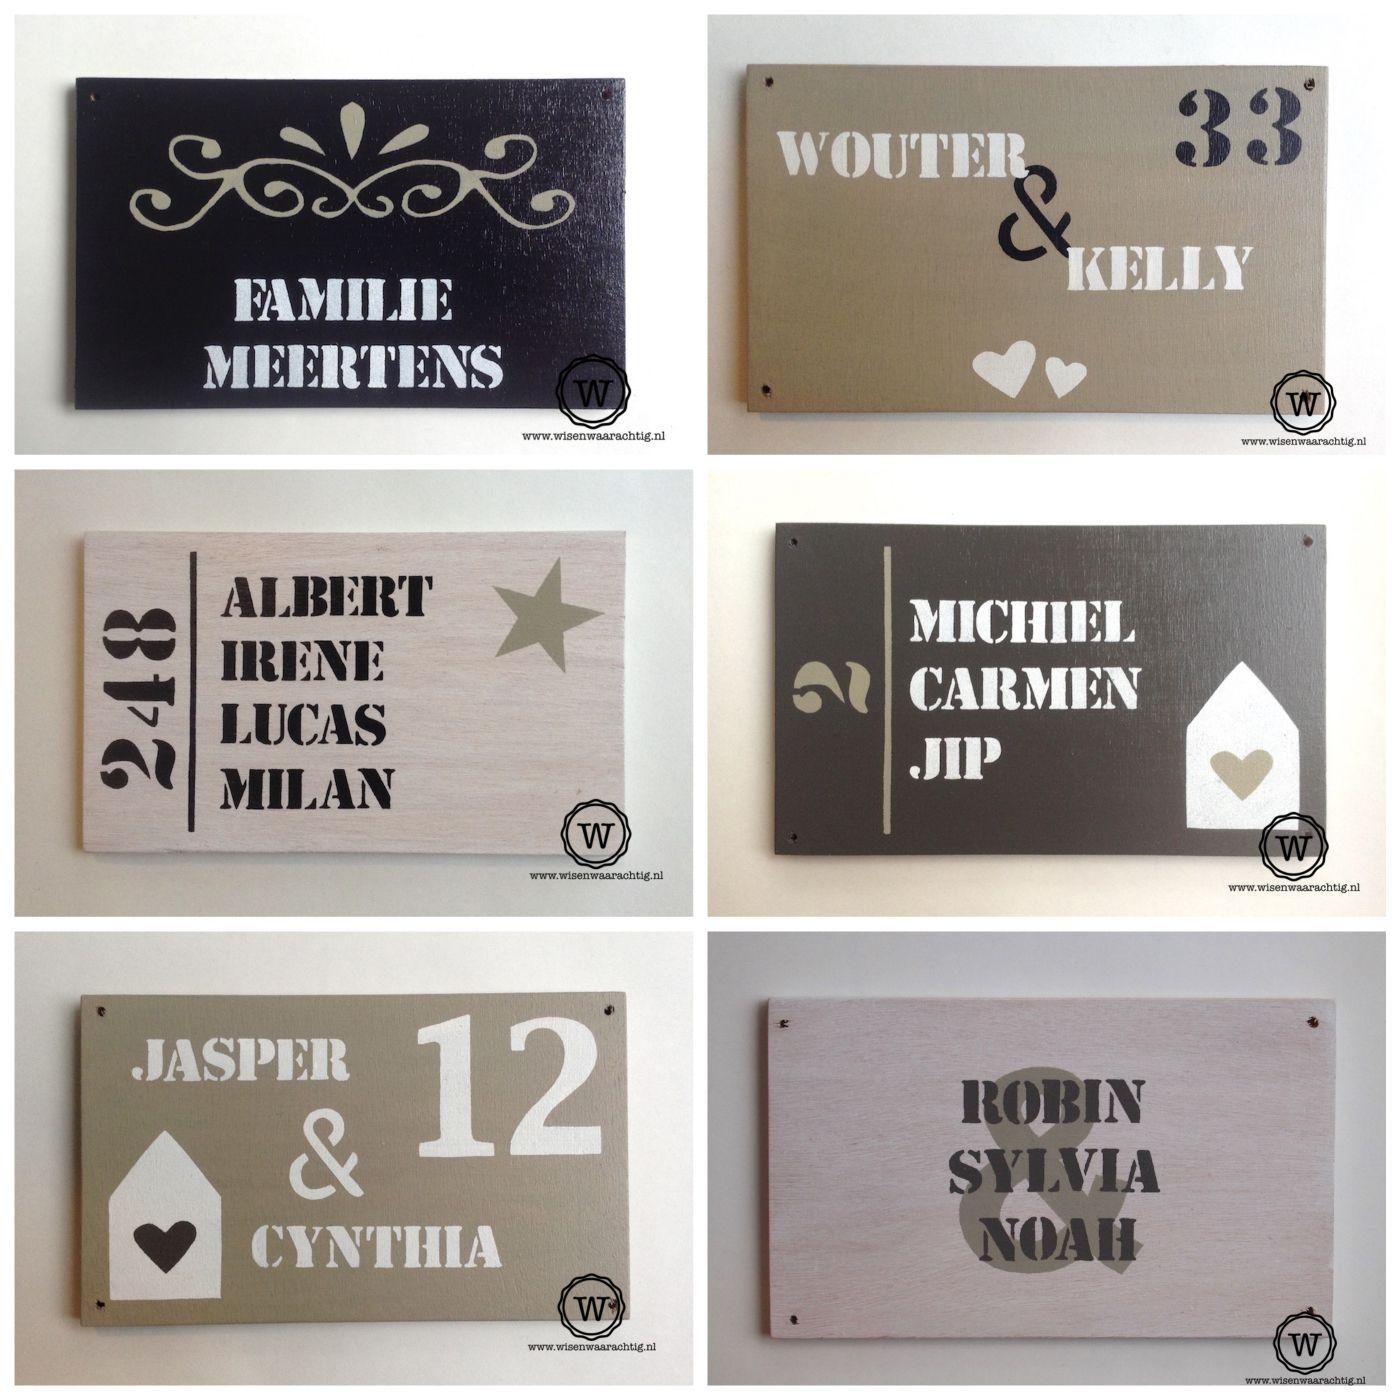 New Unieke naamborden voor bij de voordeur vind je natuurlijk bij Wis @YP43